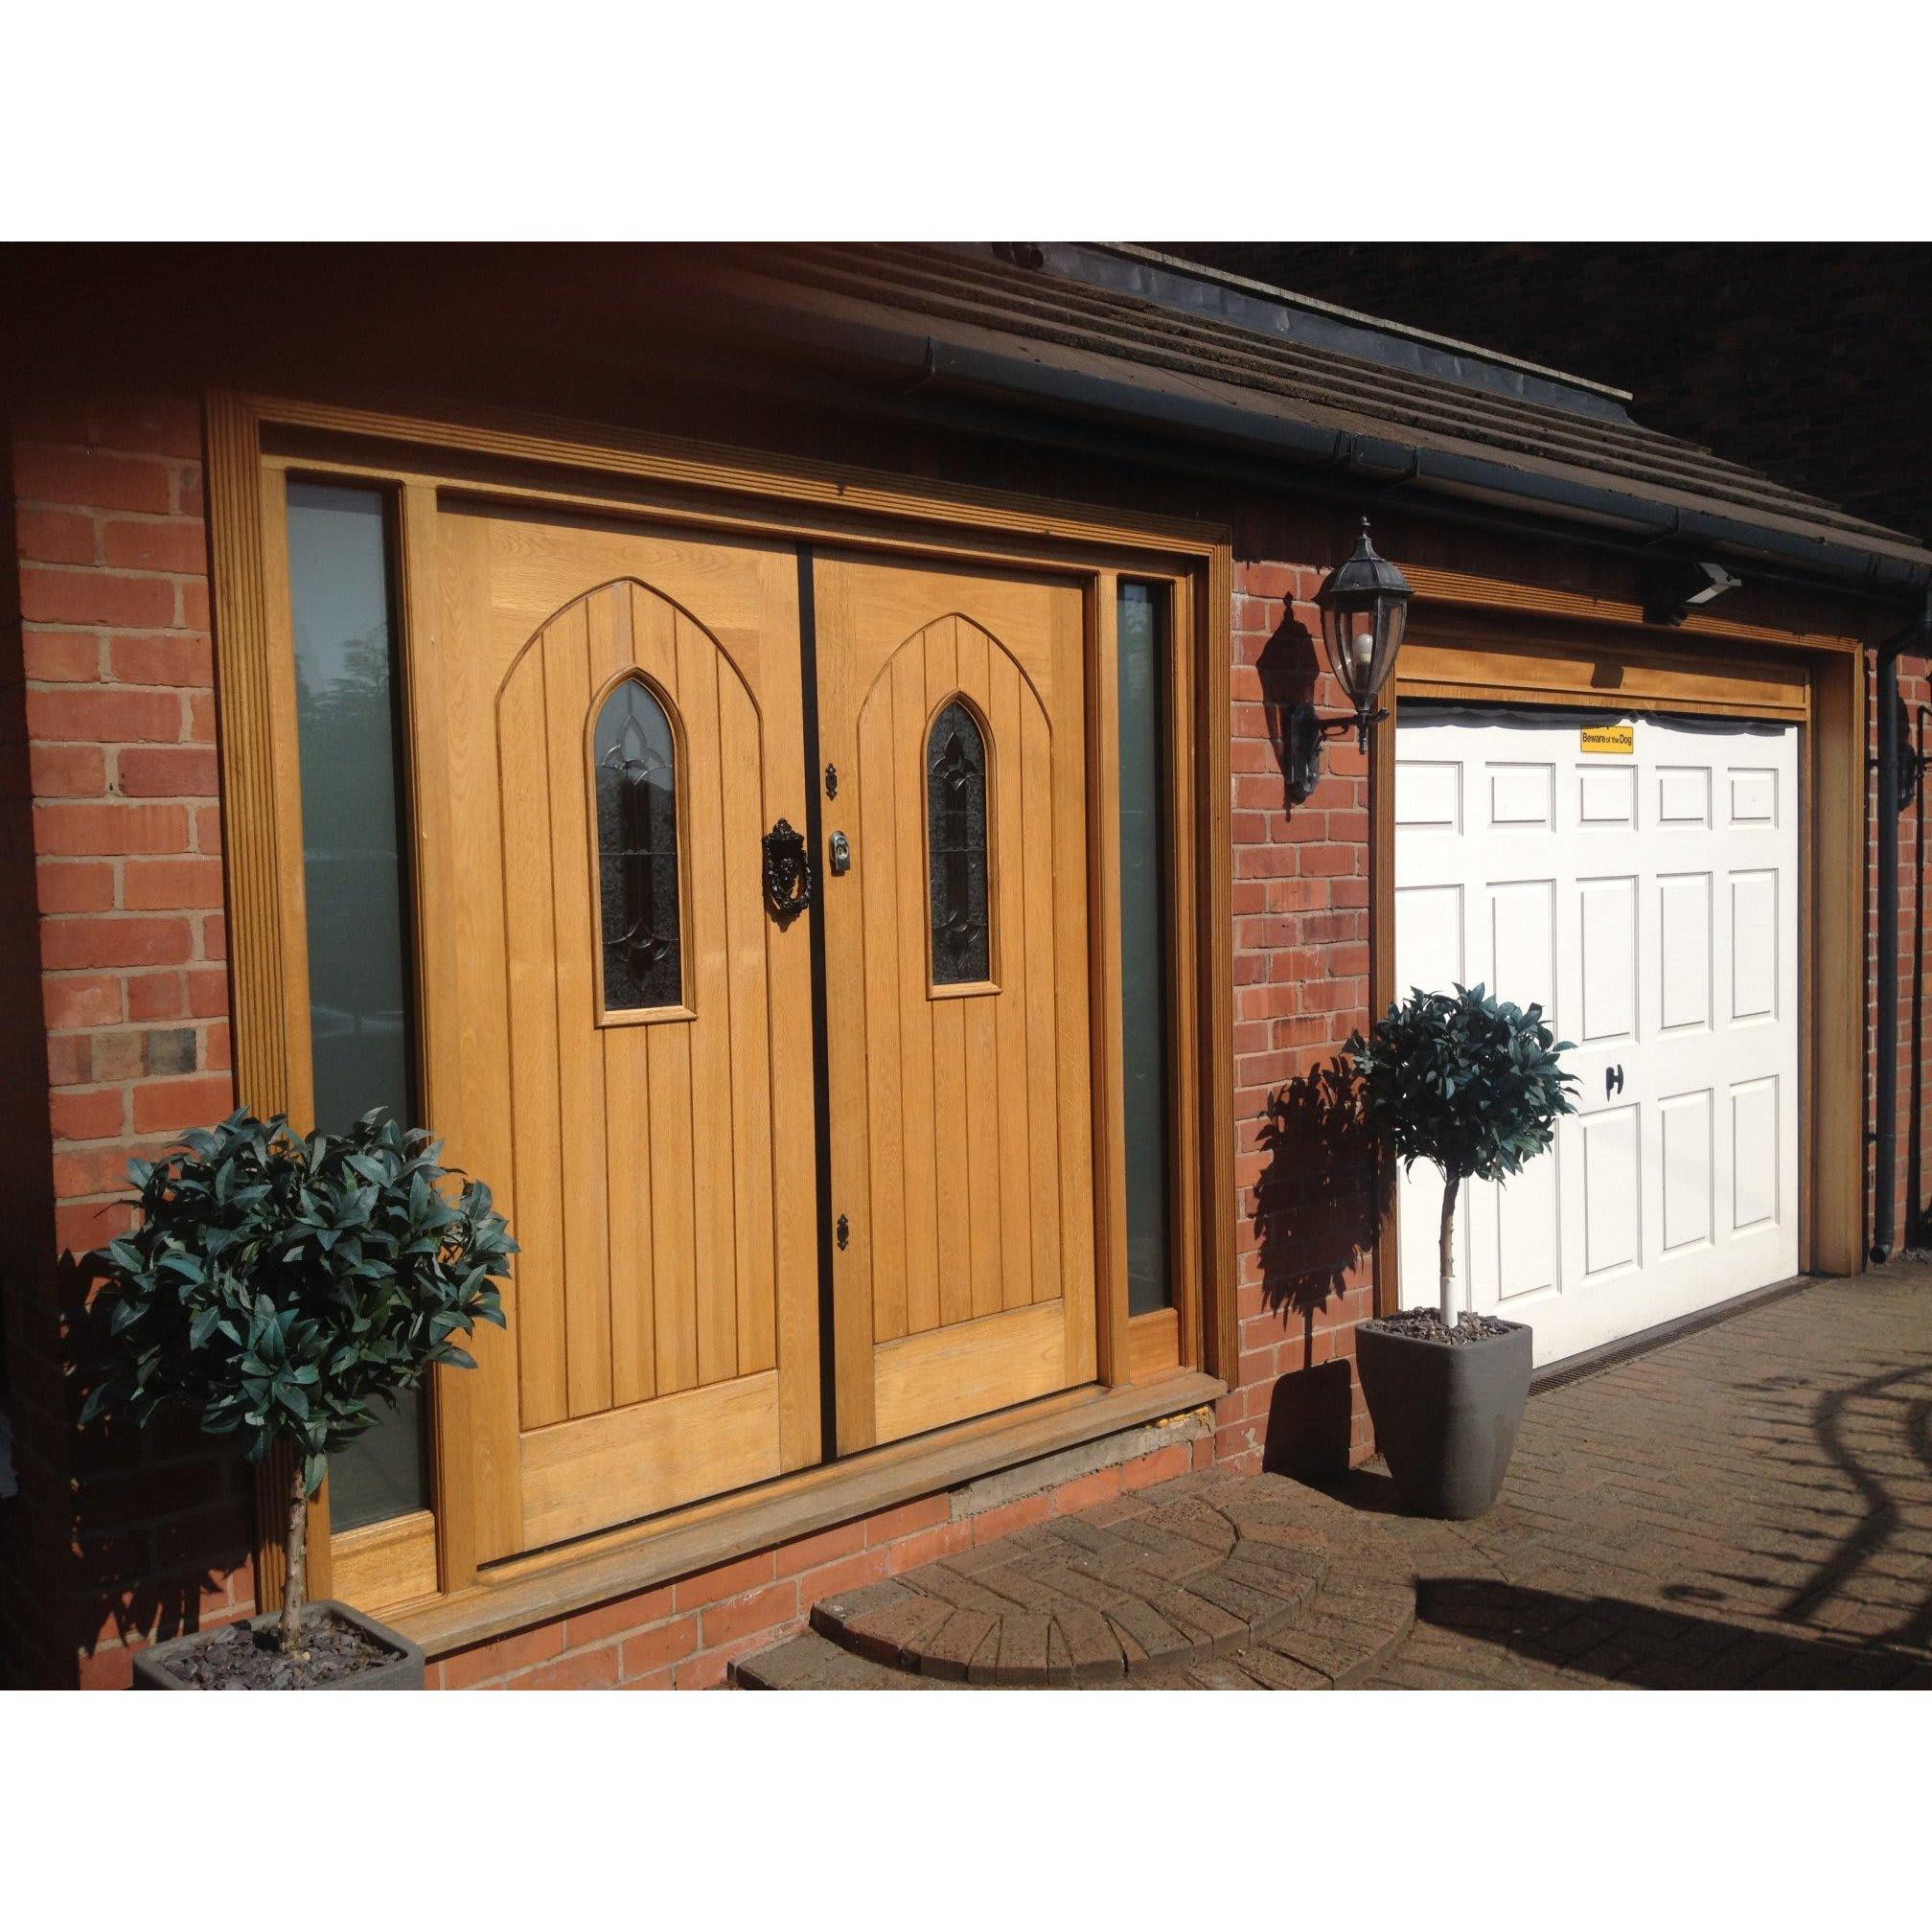 James Sherlock Builders & Joiners - Manchester, Lancashire M9 6PL - 07858 512308 | ShowMeLocal.com